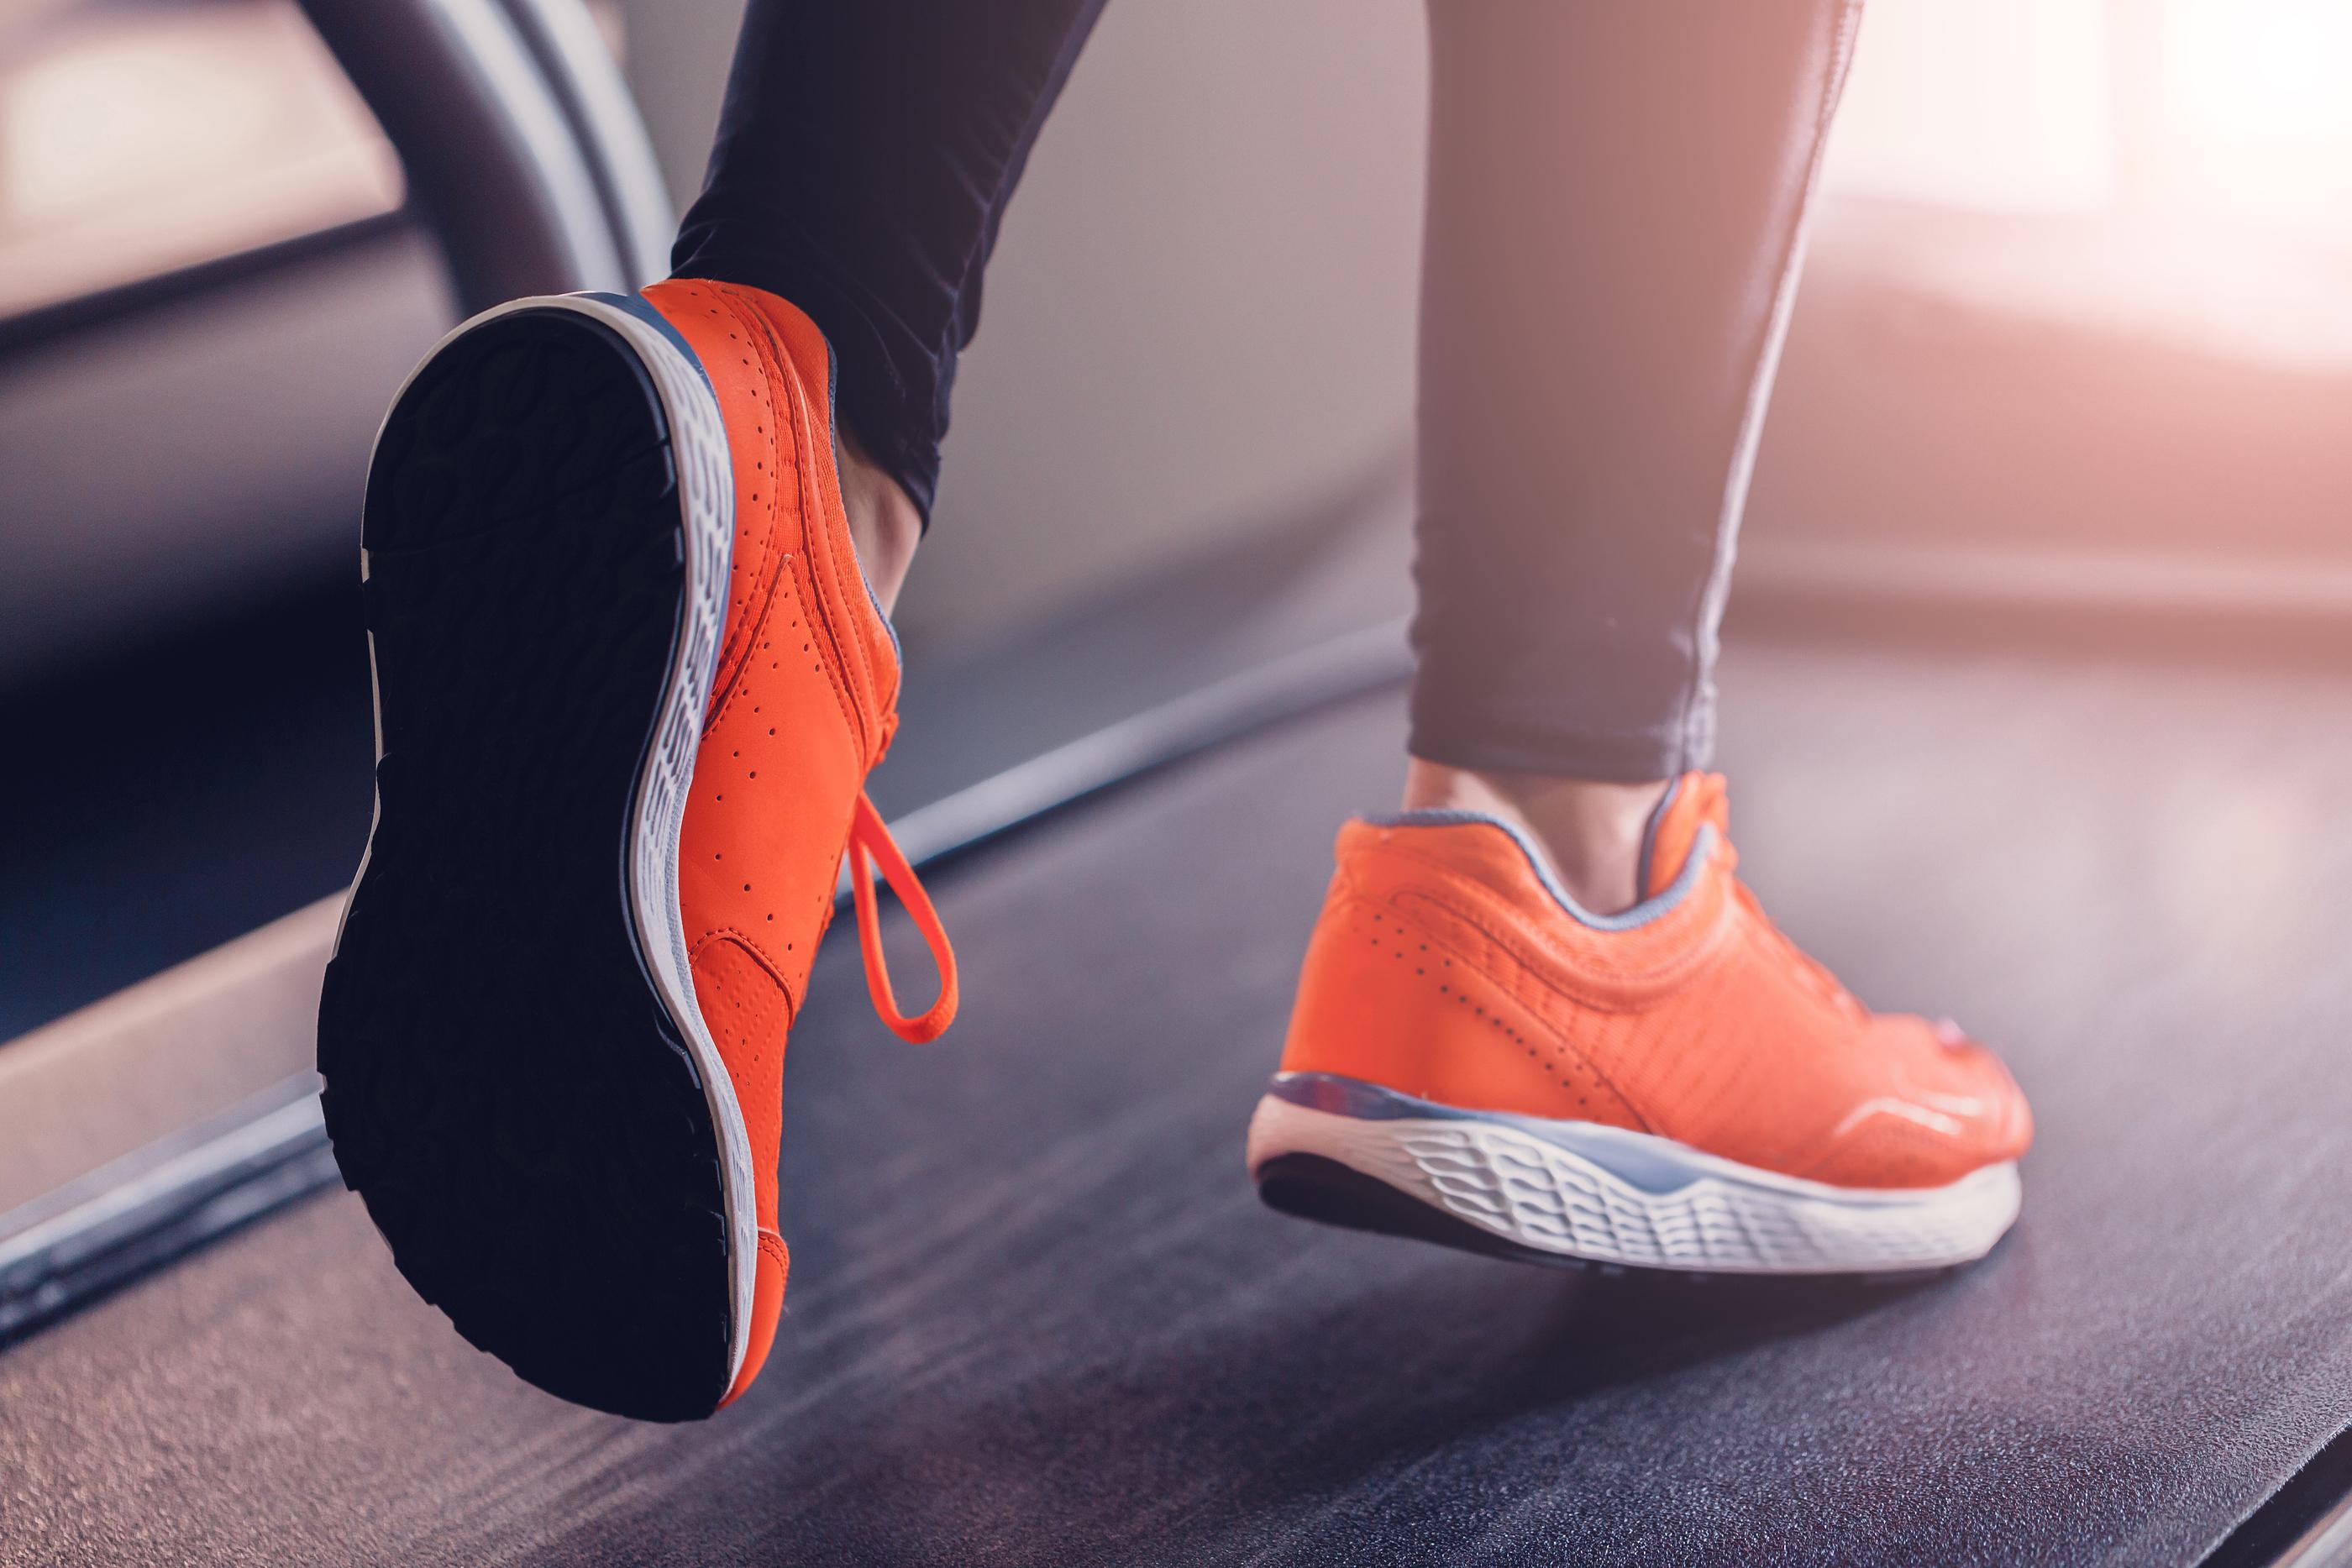 3g cardio 80i fold flat treadmill review